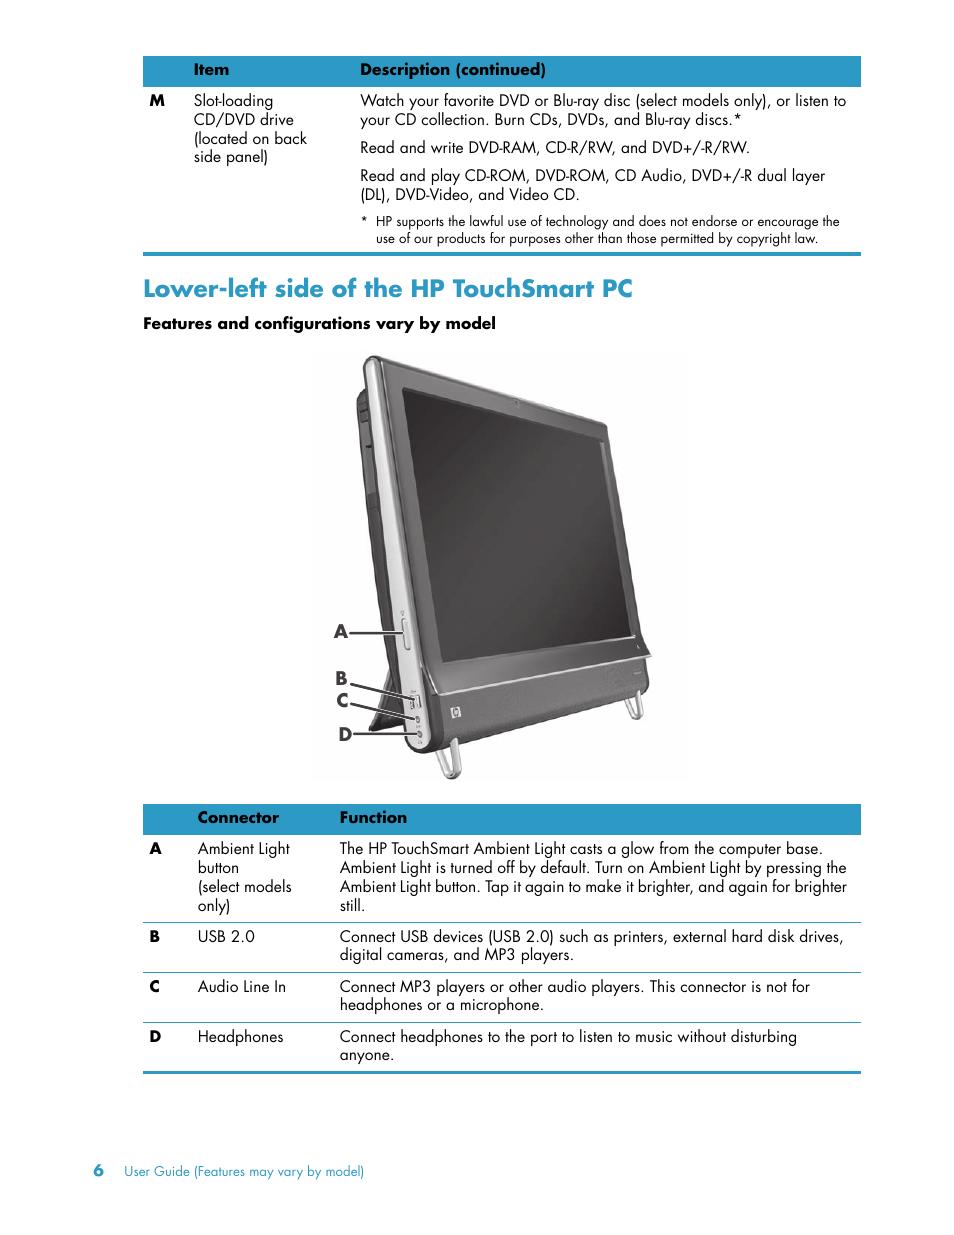 Lower-left side of the hp touchsmart pc | HP TouchSmart 600-1152 Desktop PC  Manuel d'utilisation | Page 12 / 148